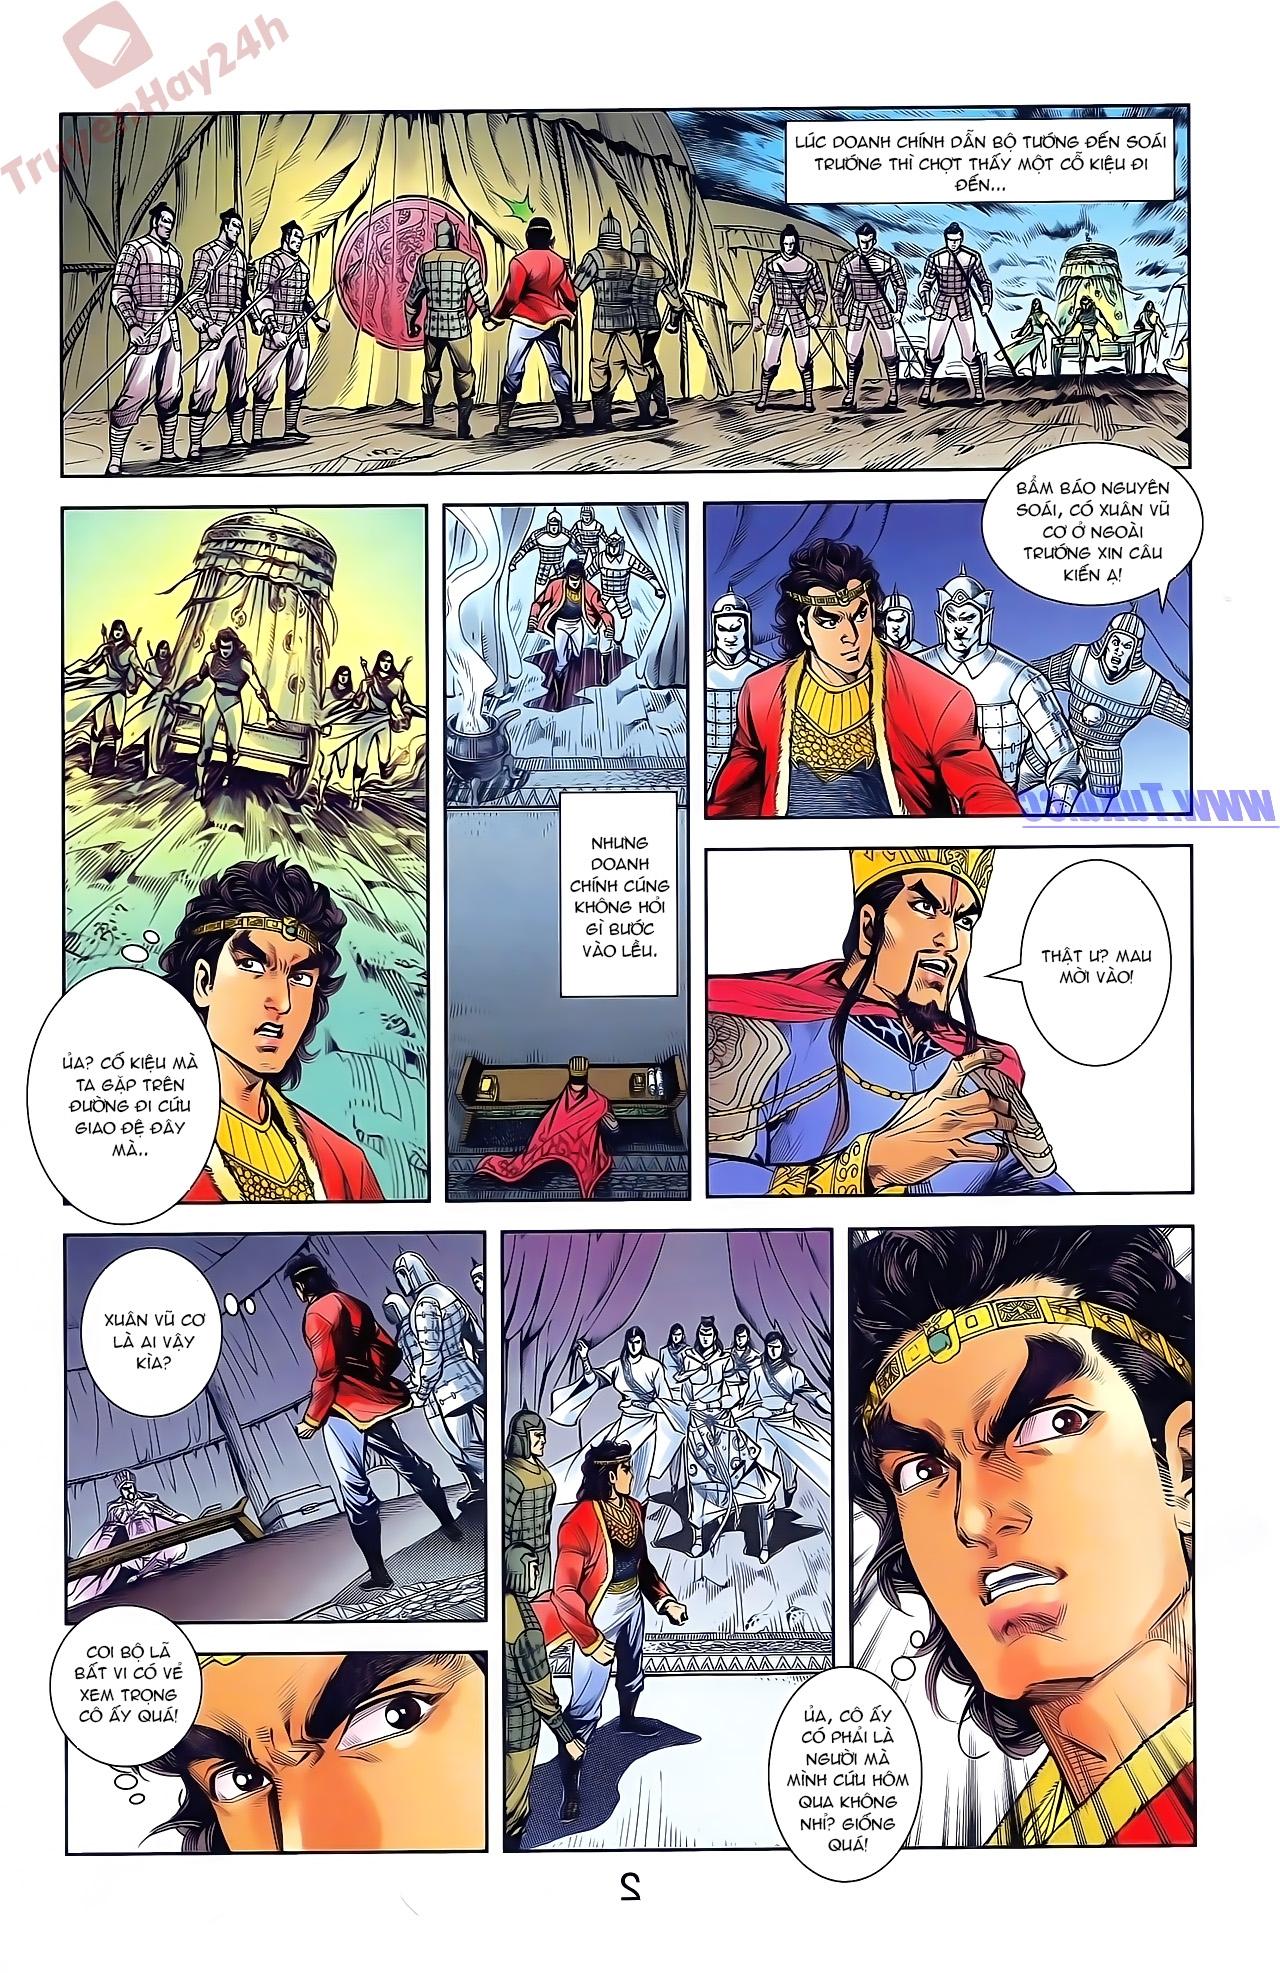 Tần Vương Doanh Chính chapter 47 trang 16